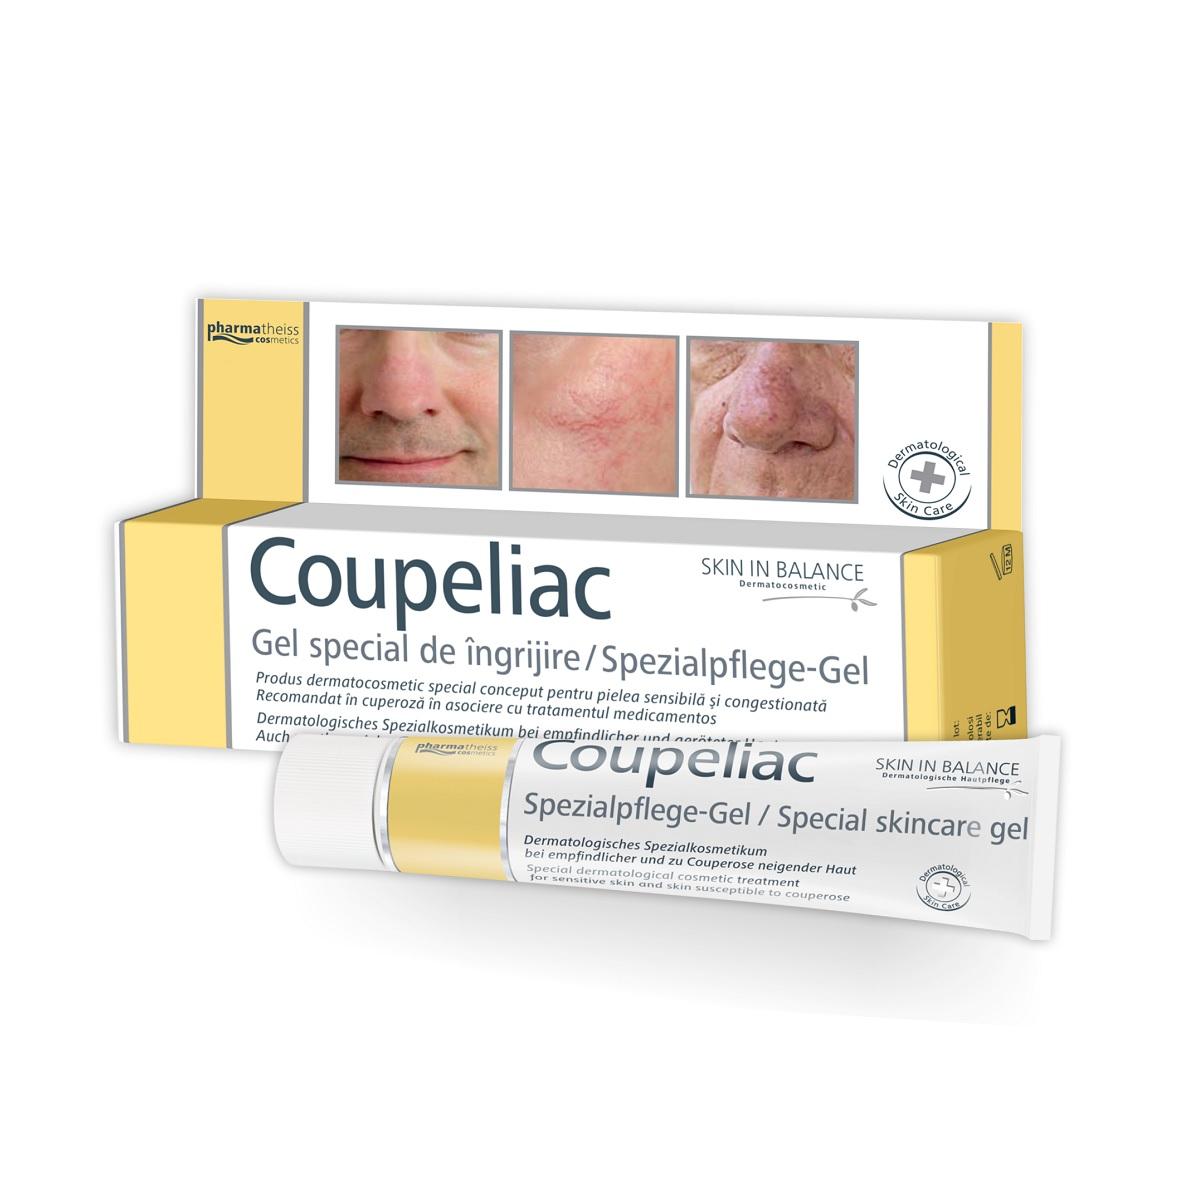 Gel pentru pielea sensibilă și congestionantă Coupeliac, 20 ml, Pharmatheiss Cosmetics